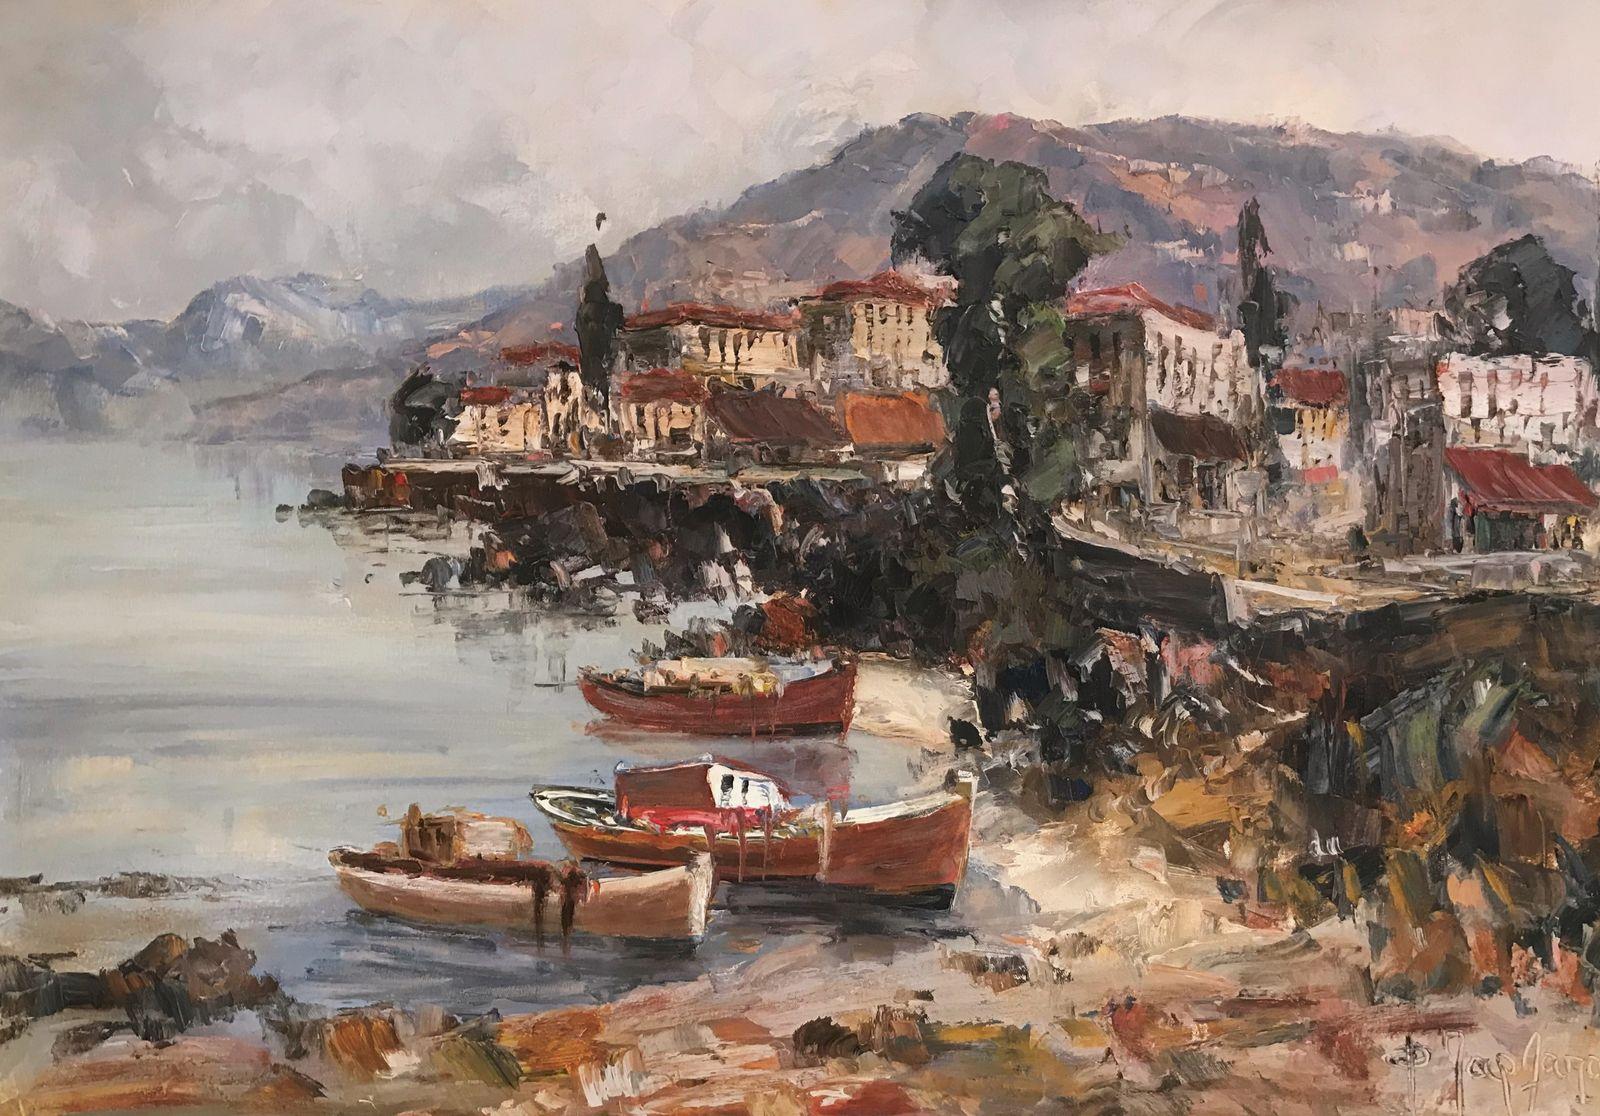 Φανή Παρλαπάνη 70×100 εκ. Λάδια σε καμβά Fani Parlapani 70×100 cm Oils on canvas (2)